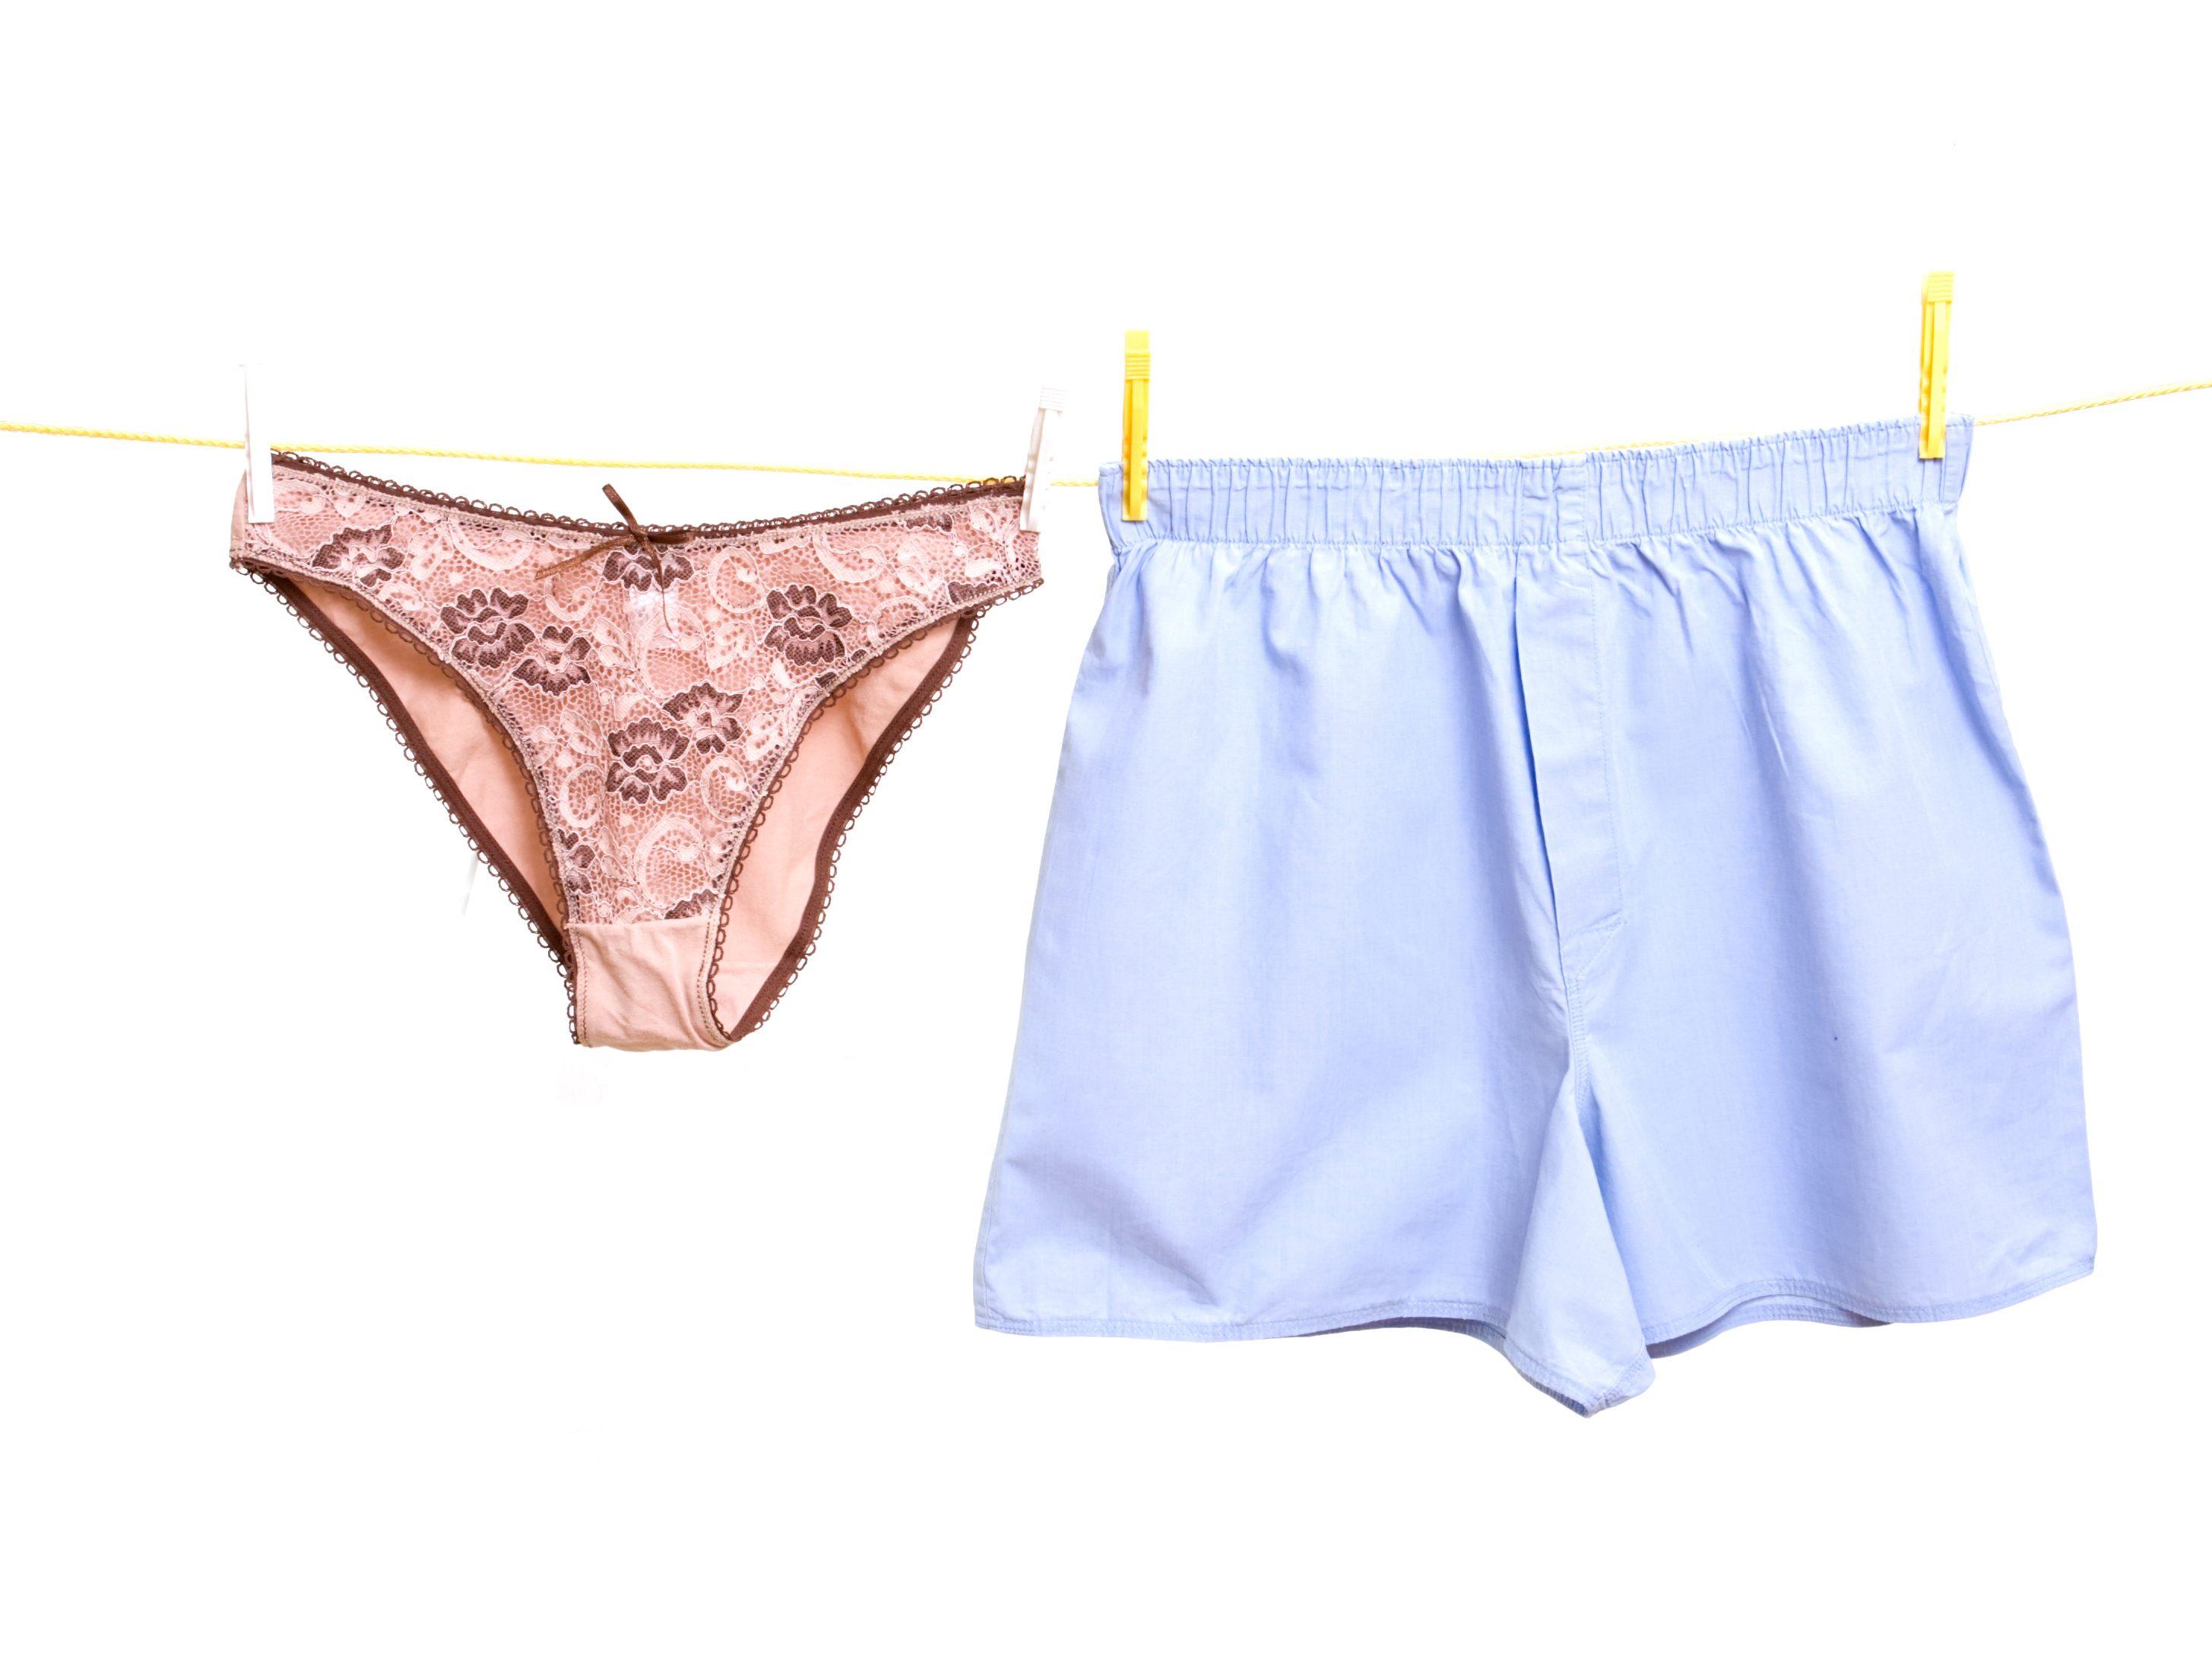 13. Wash underwear in hot water.